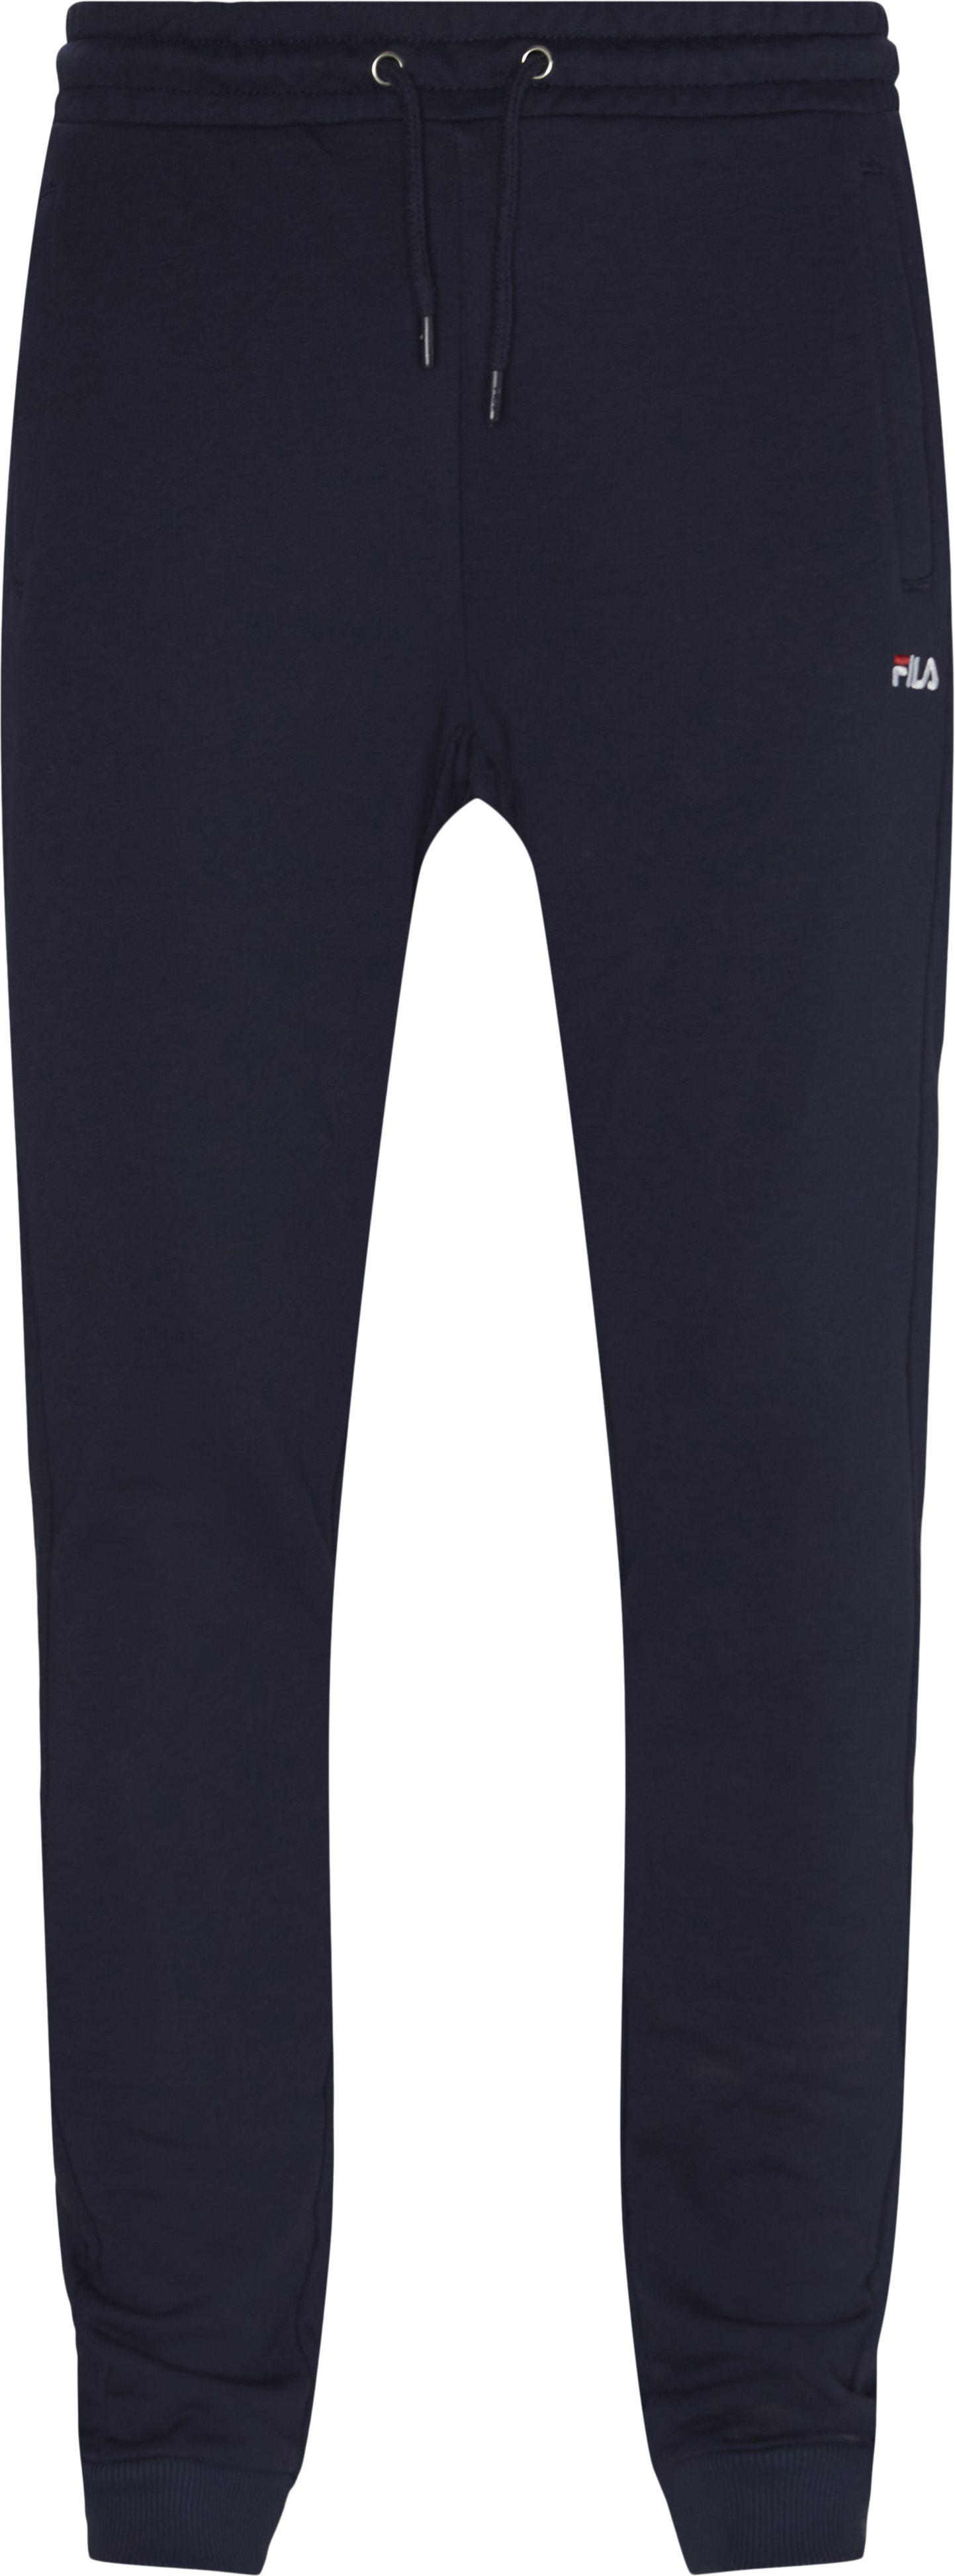 Edan Sweatpants - Bukser - Blå